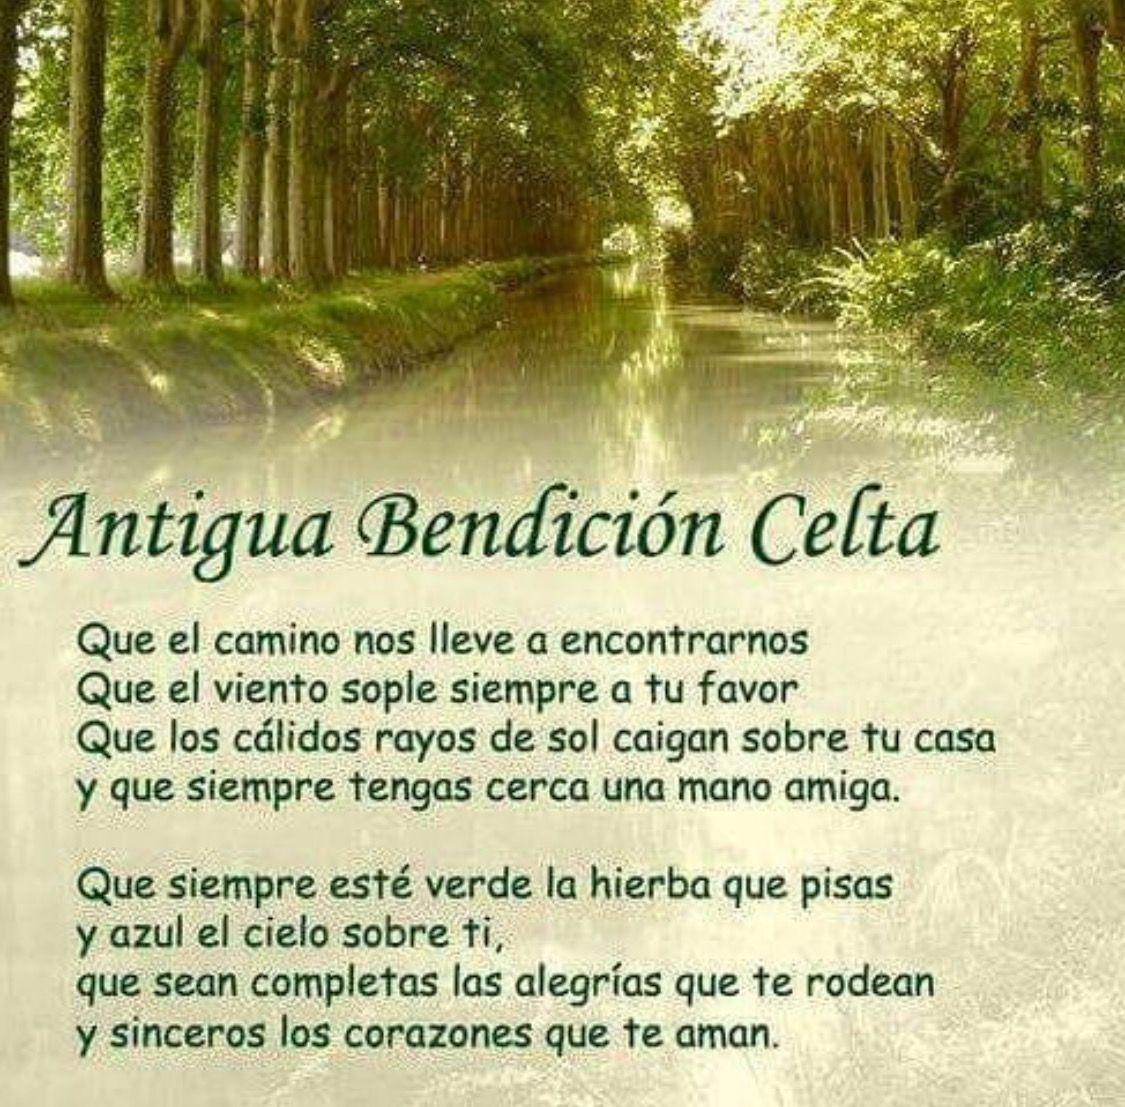 Bendición Celta Bendicion Celta Celta Y Oraciones